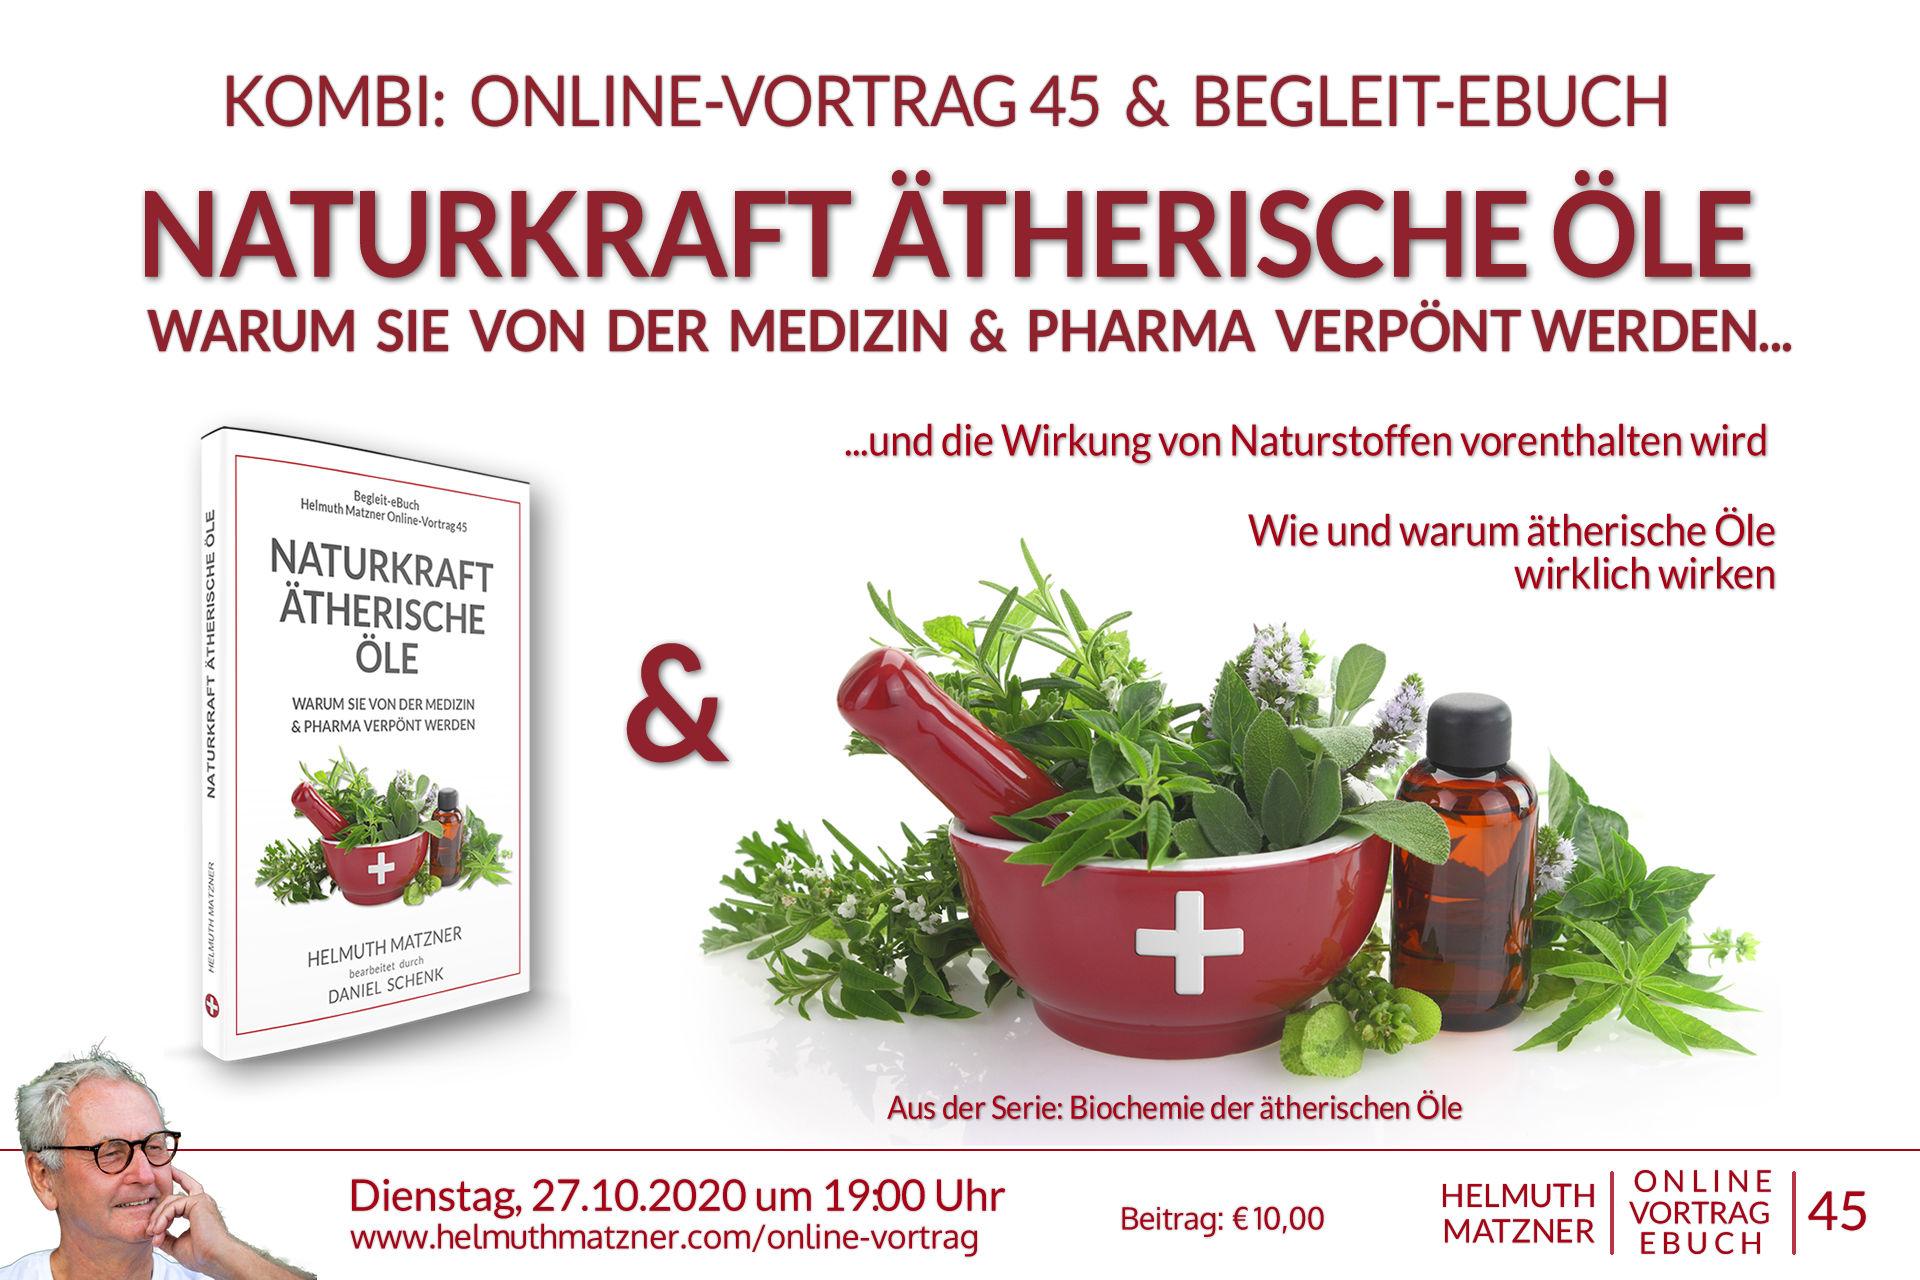 Helmuth Matzner - Online-Vortrag 45 - Naturkraft Ätherische Öle - Kombi - Banner v01K